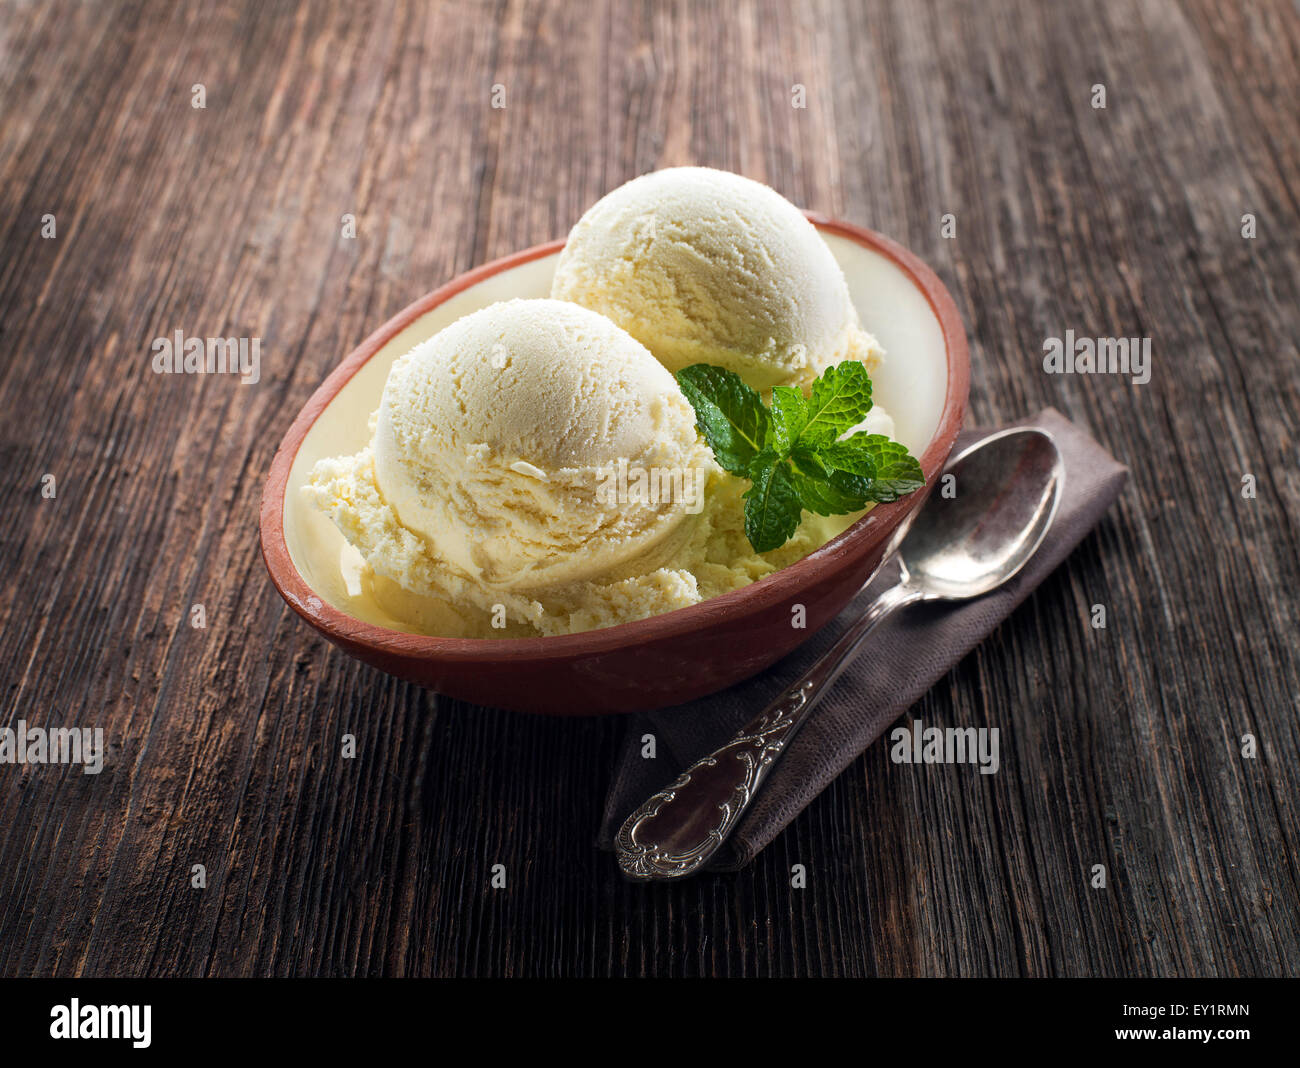 Crème glacée à la vanille sur un fond de bois close up Photo Stock